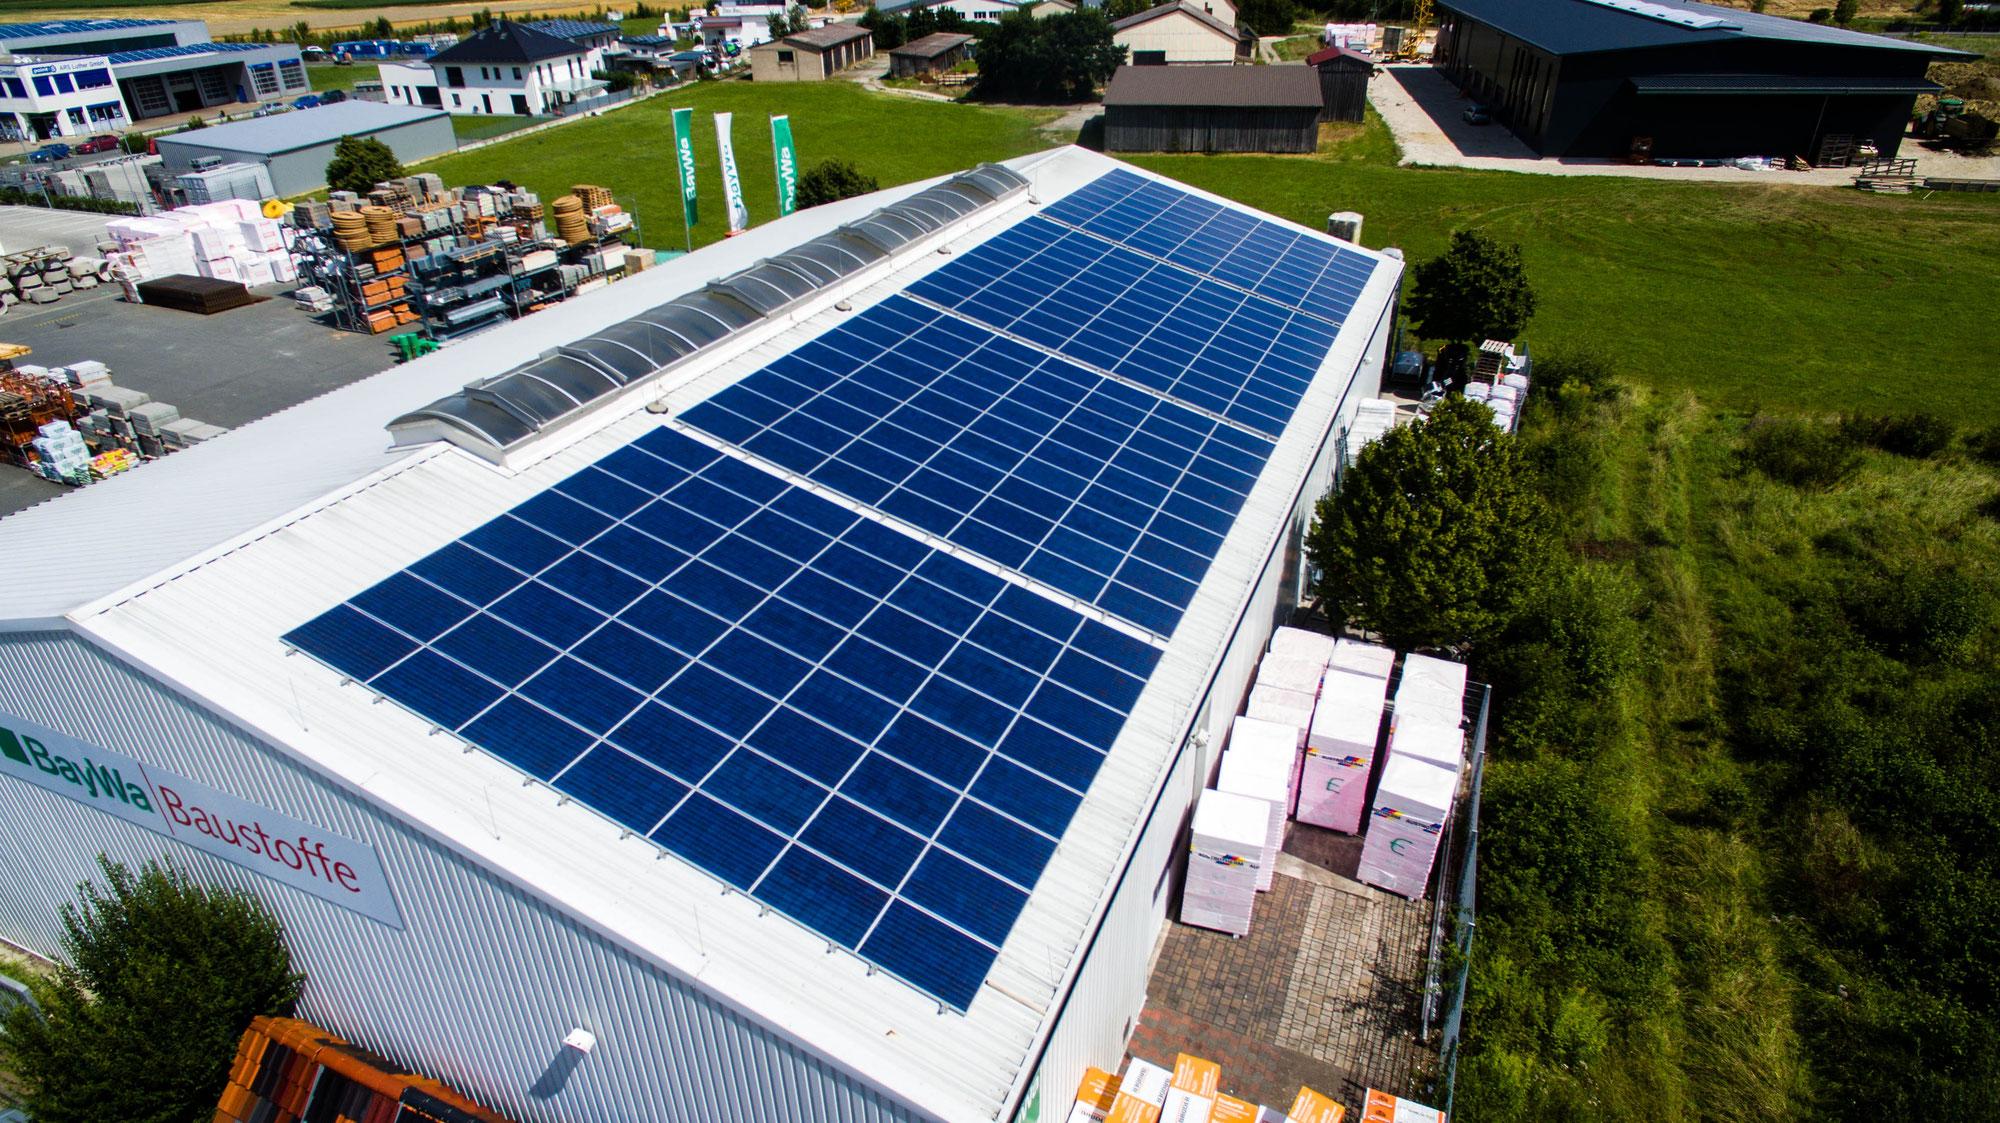 Photovoltaik Wärmepumpe und Solaranlage